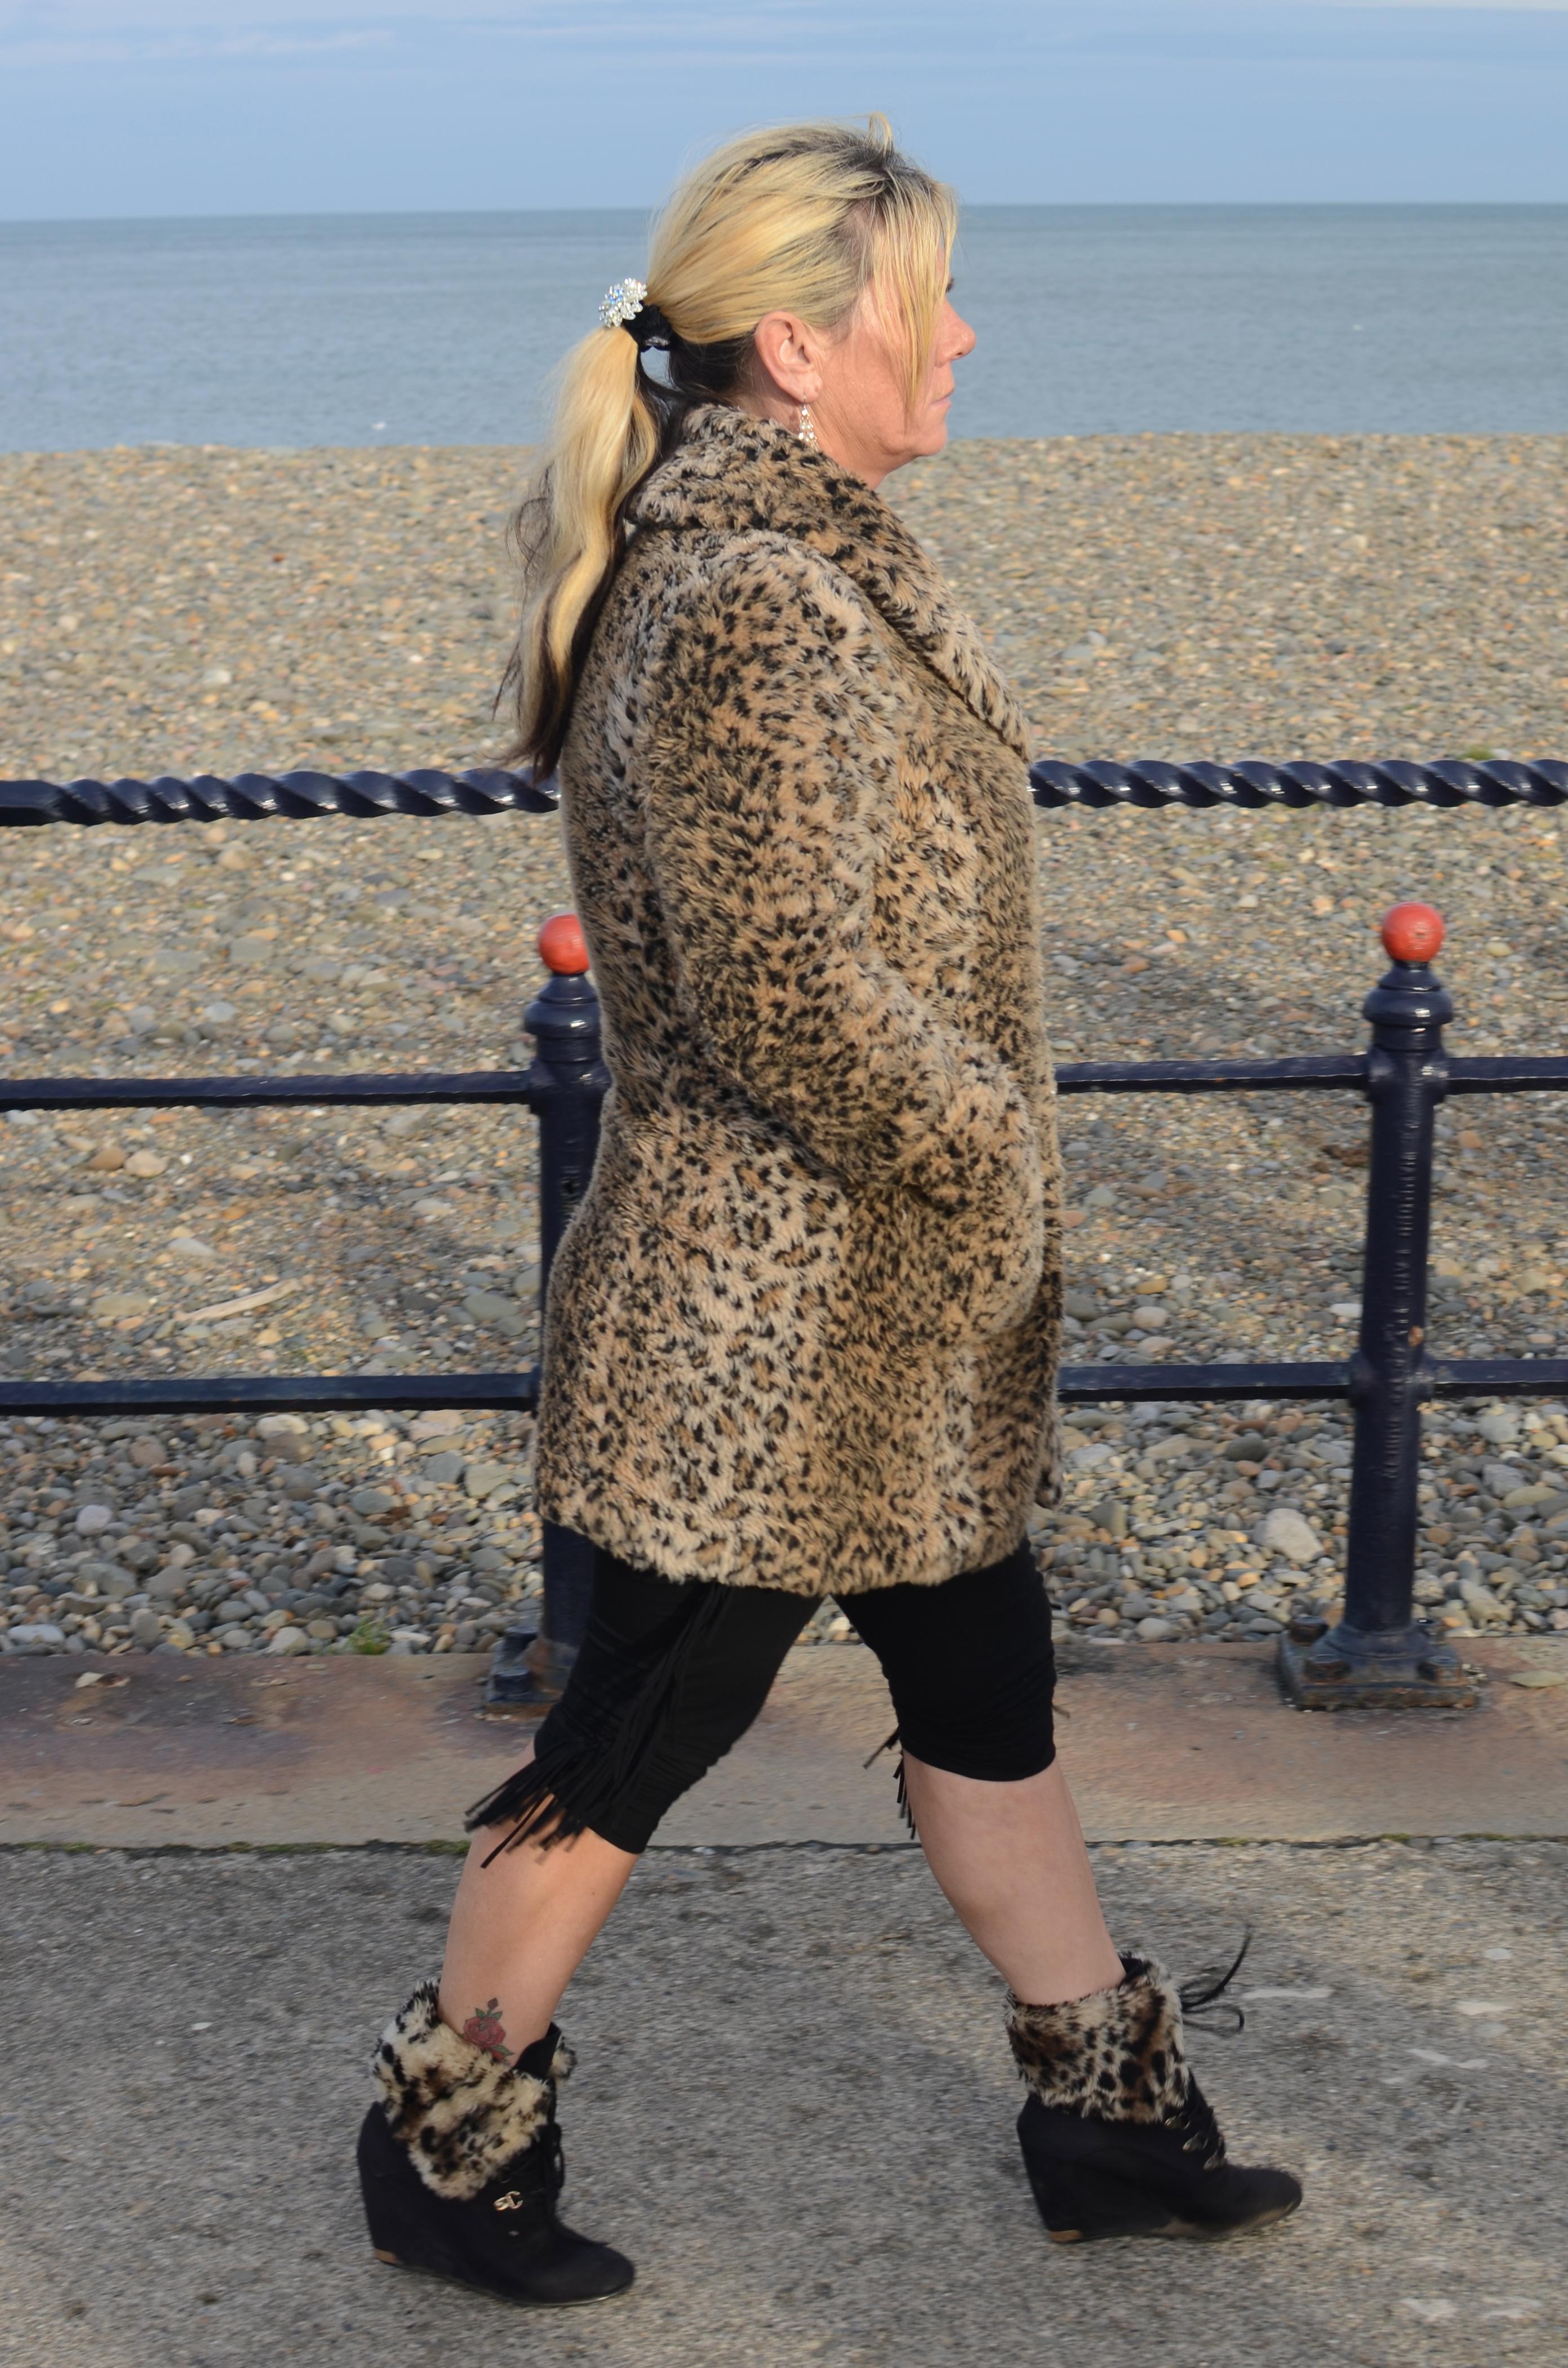 Leopard Bray Feb 13